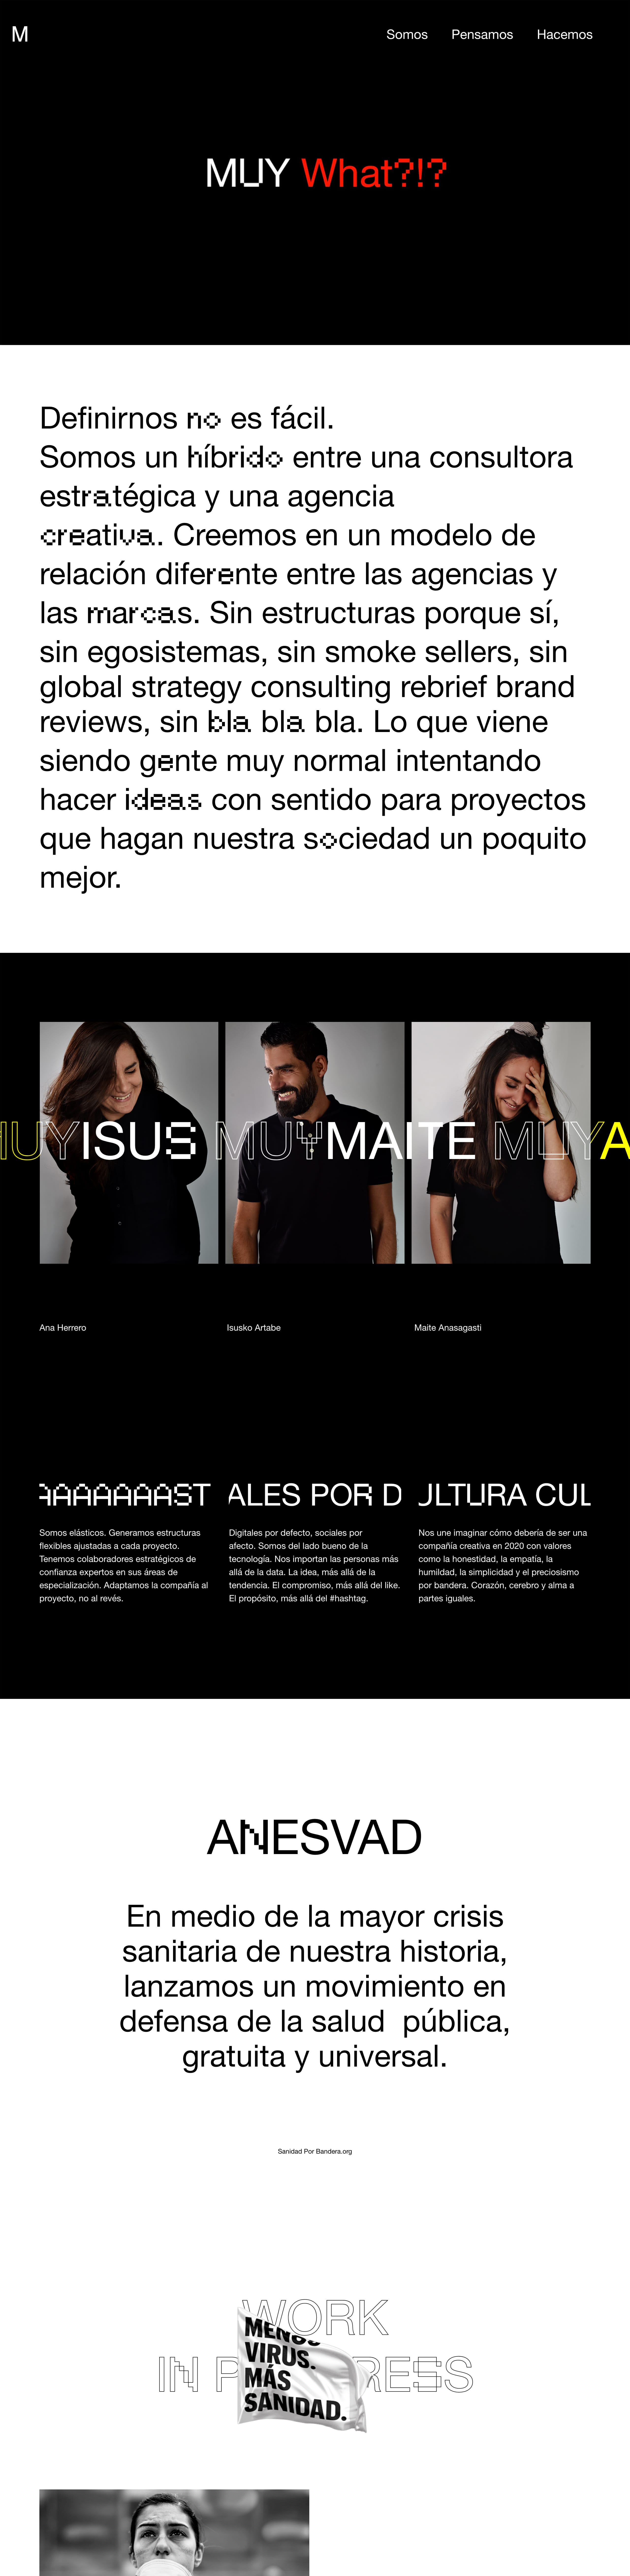 MUY Website Screenshot